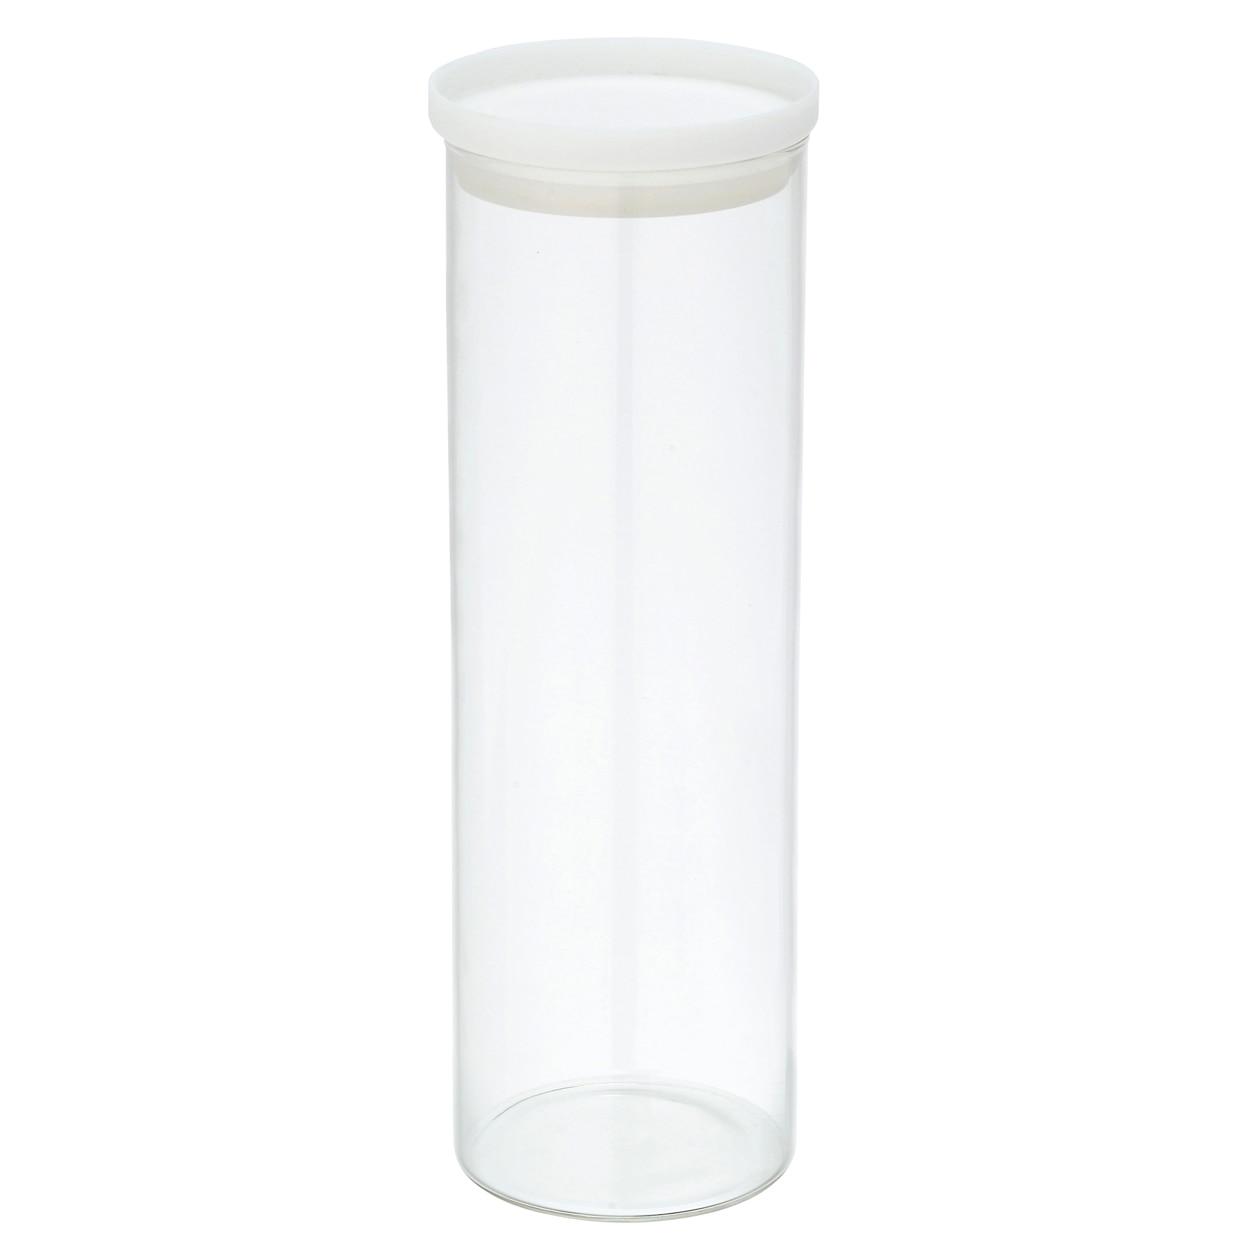 耐熱ガラス丸型保存容器 5